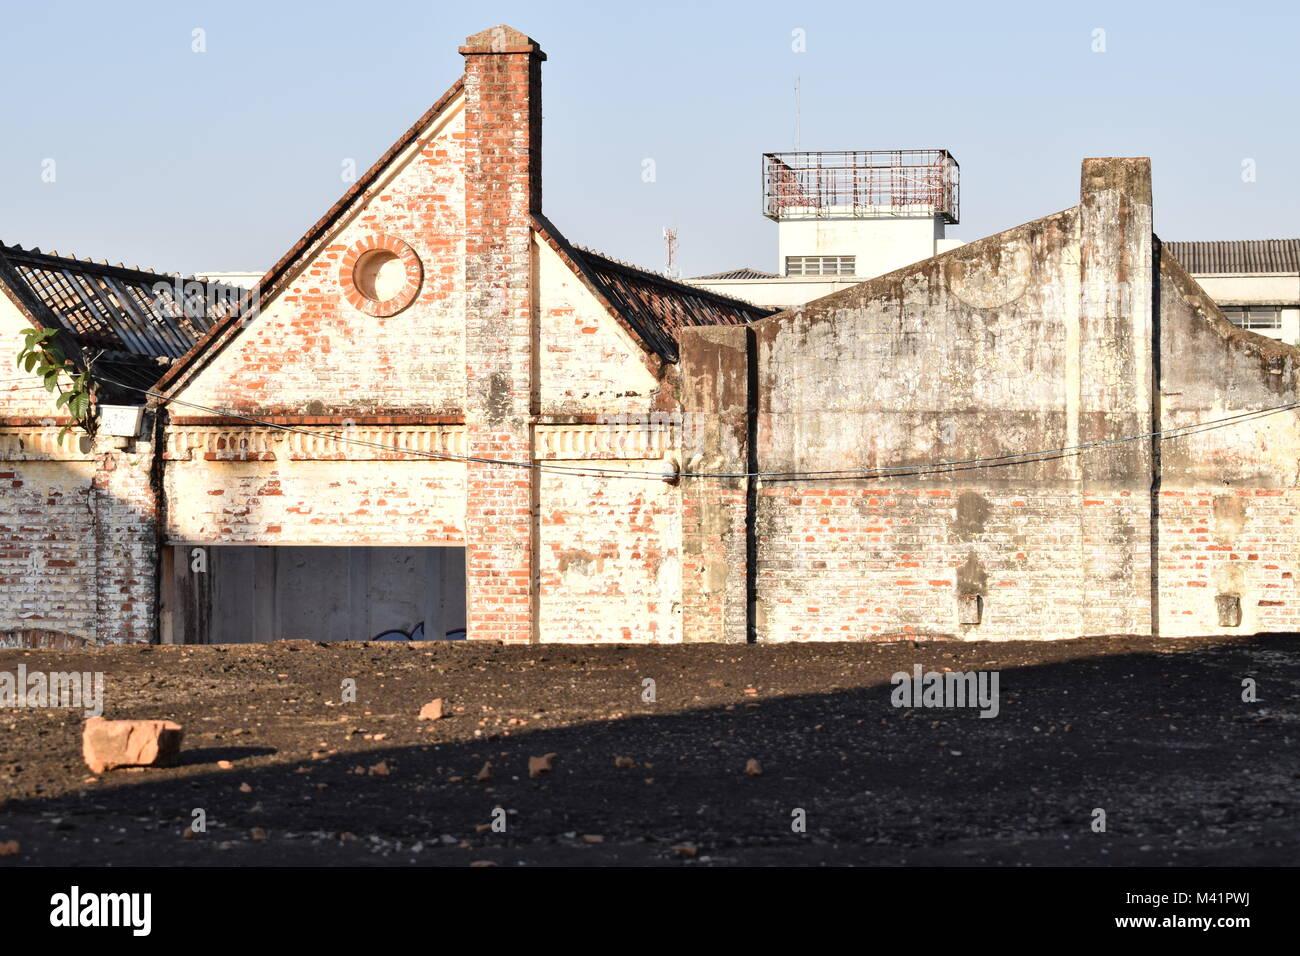 abgebrochene stoff industrie fassade urban landiscape fotografie in sao carlos brasilien genommen stockbild